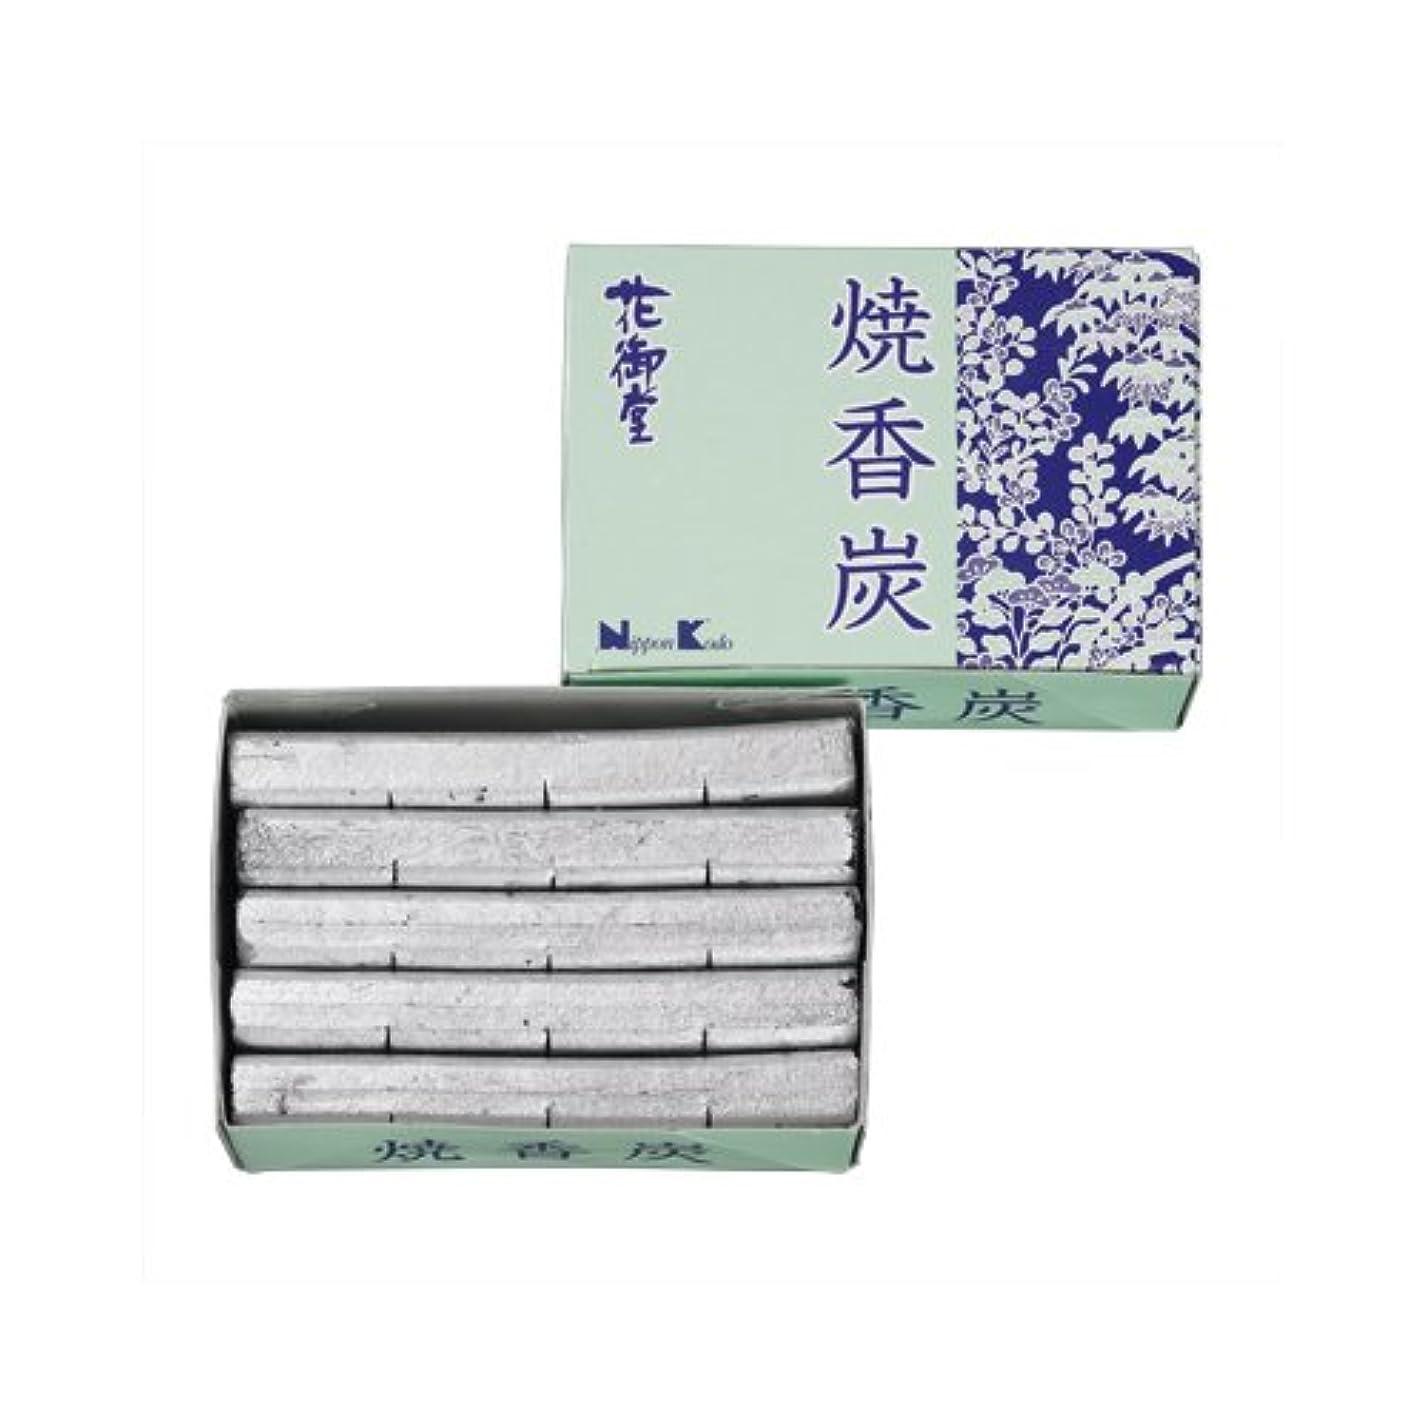 経度バインドイソギンチャク花御堂 焼香炭 #92011